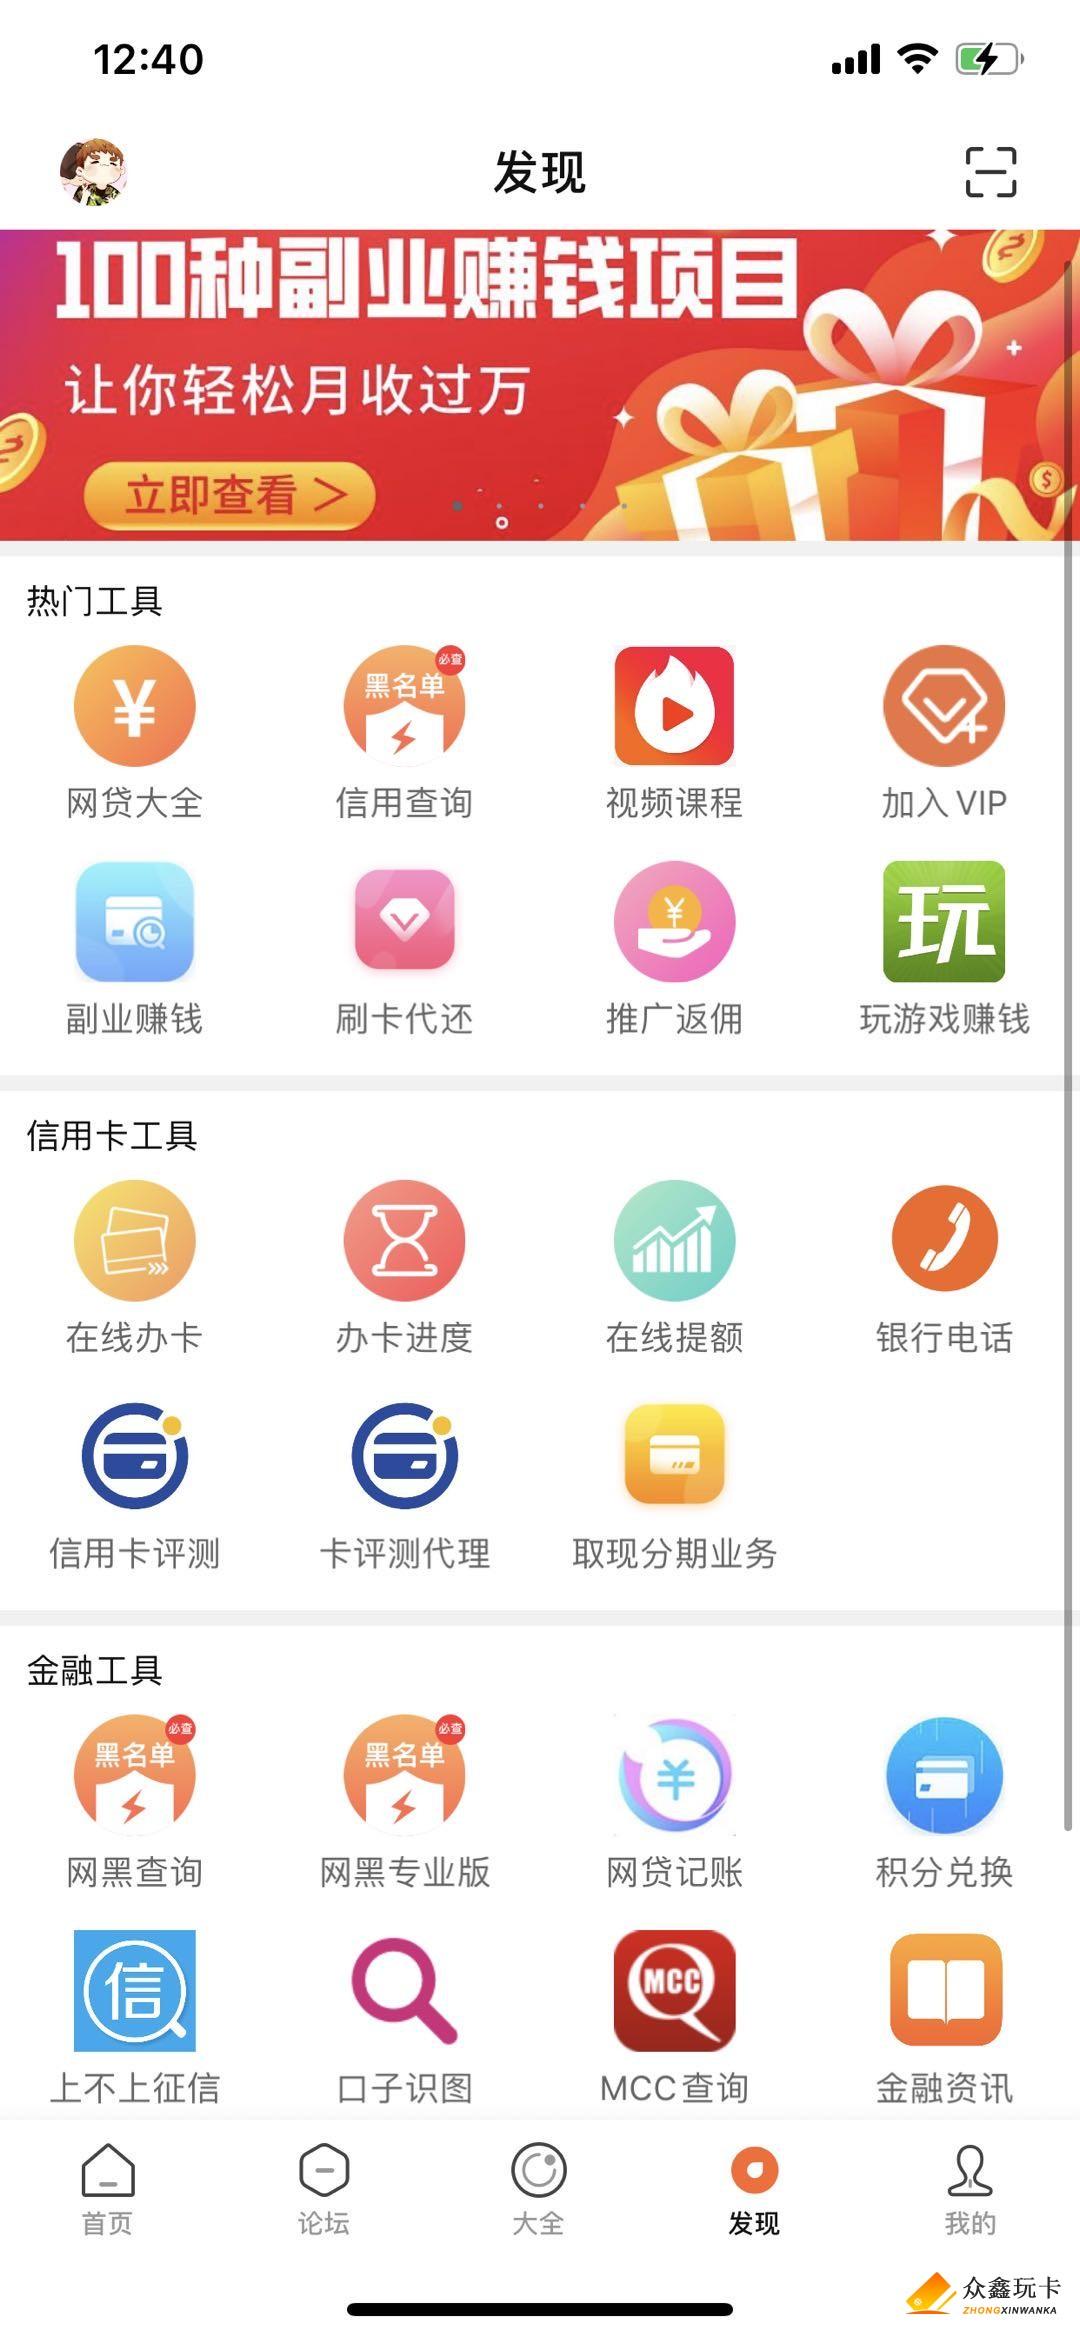 【通知】众鑫玩卡新版APP上线,请下载新版APP!